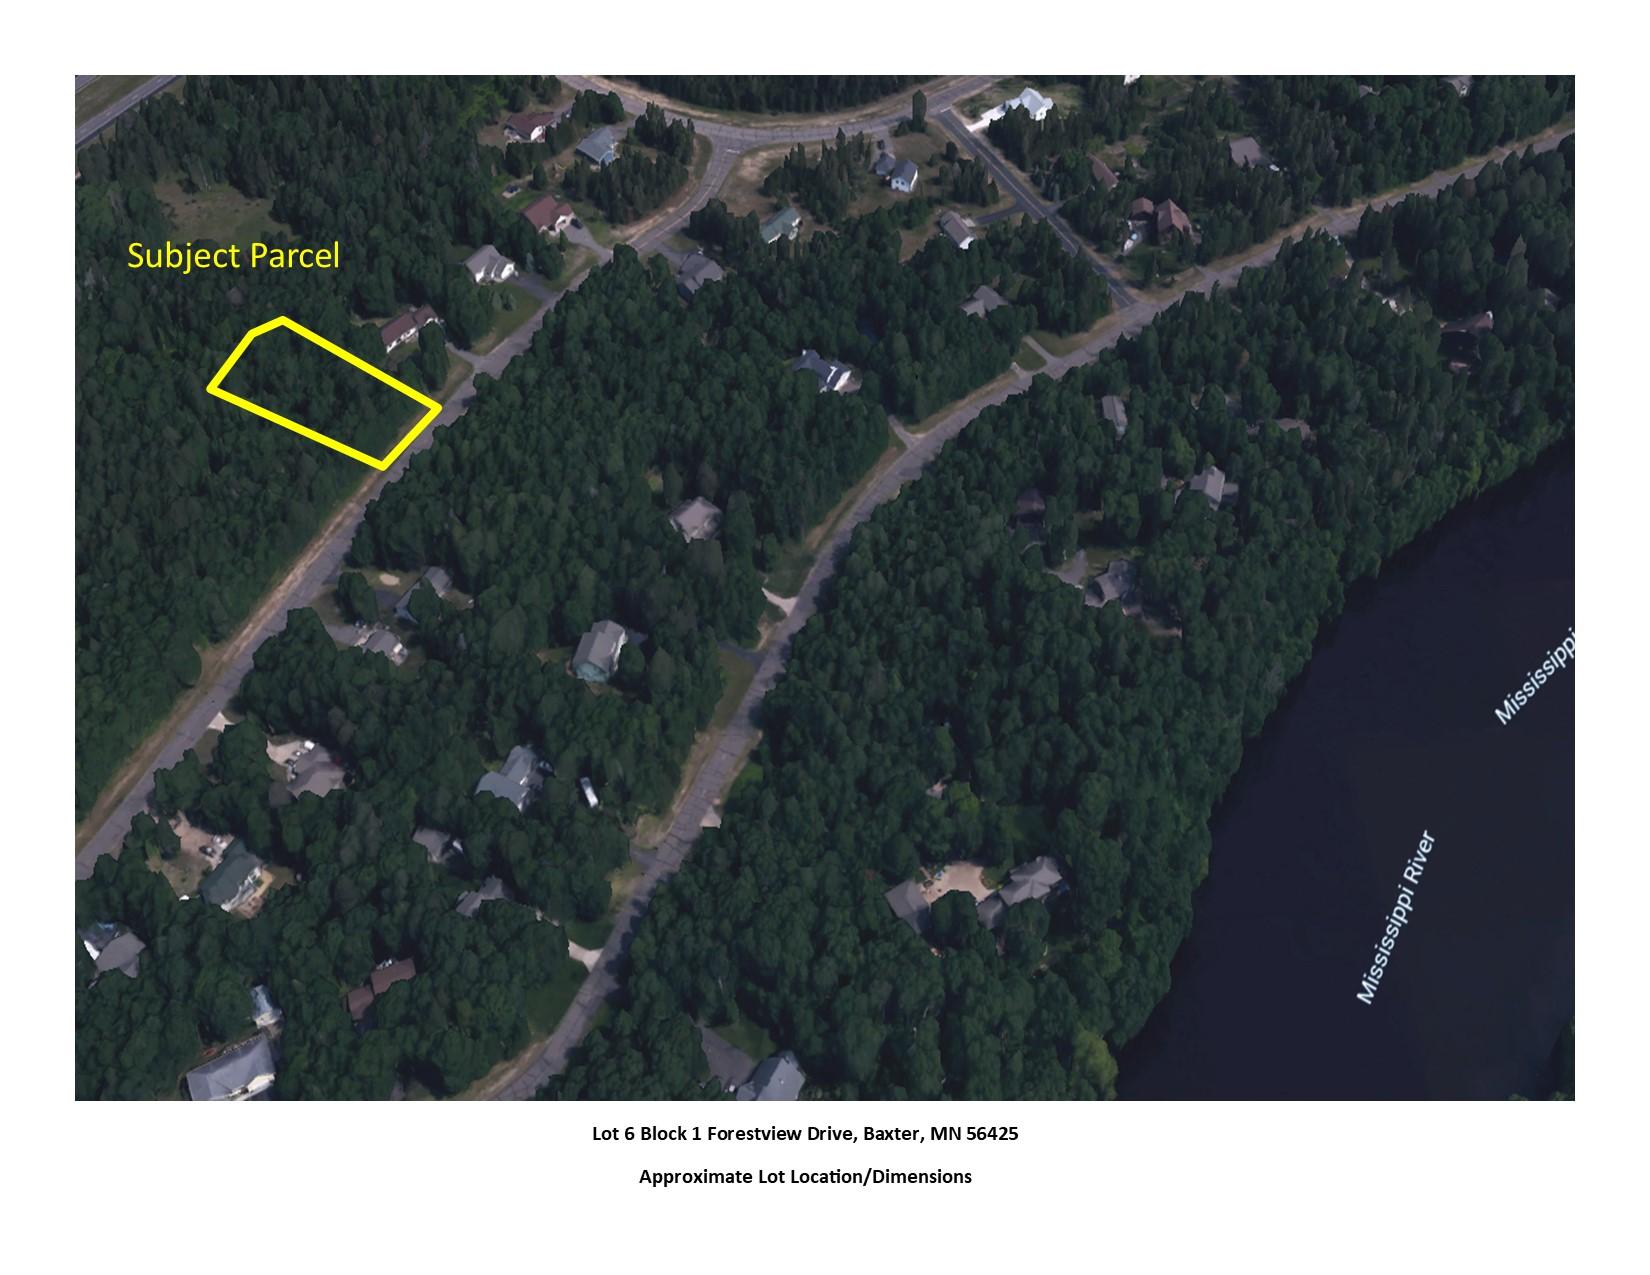 Lot 6 Block 1 Forestview Drive, Baxter, MN 56425